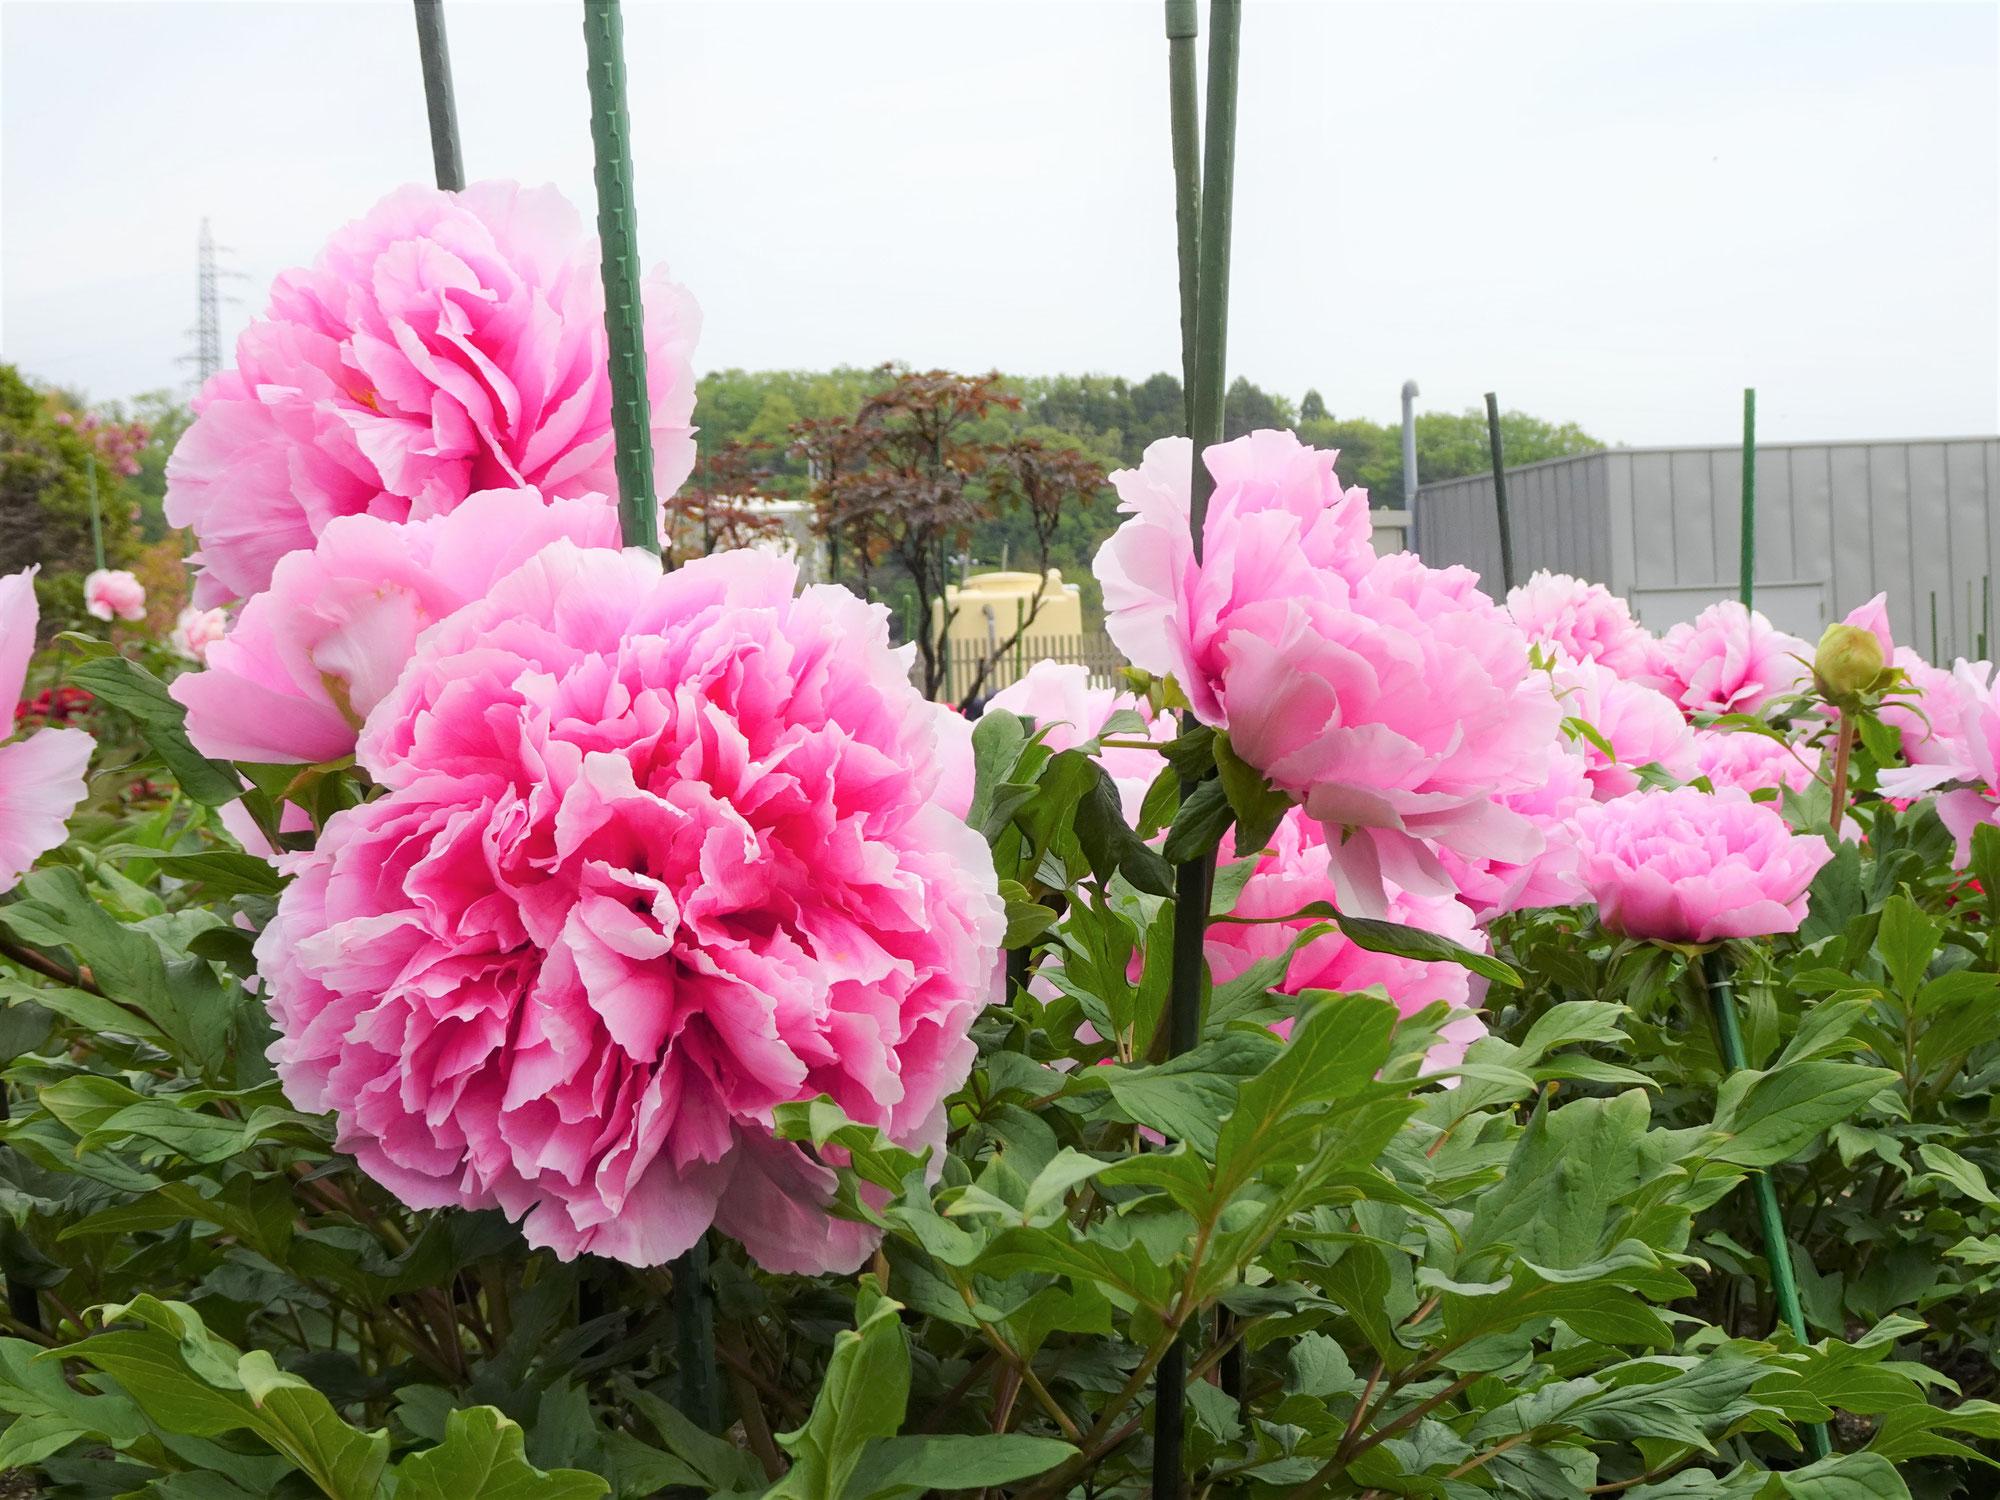 本日の藤・牡丹 | Today's wisteria / peony